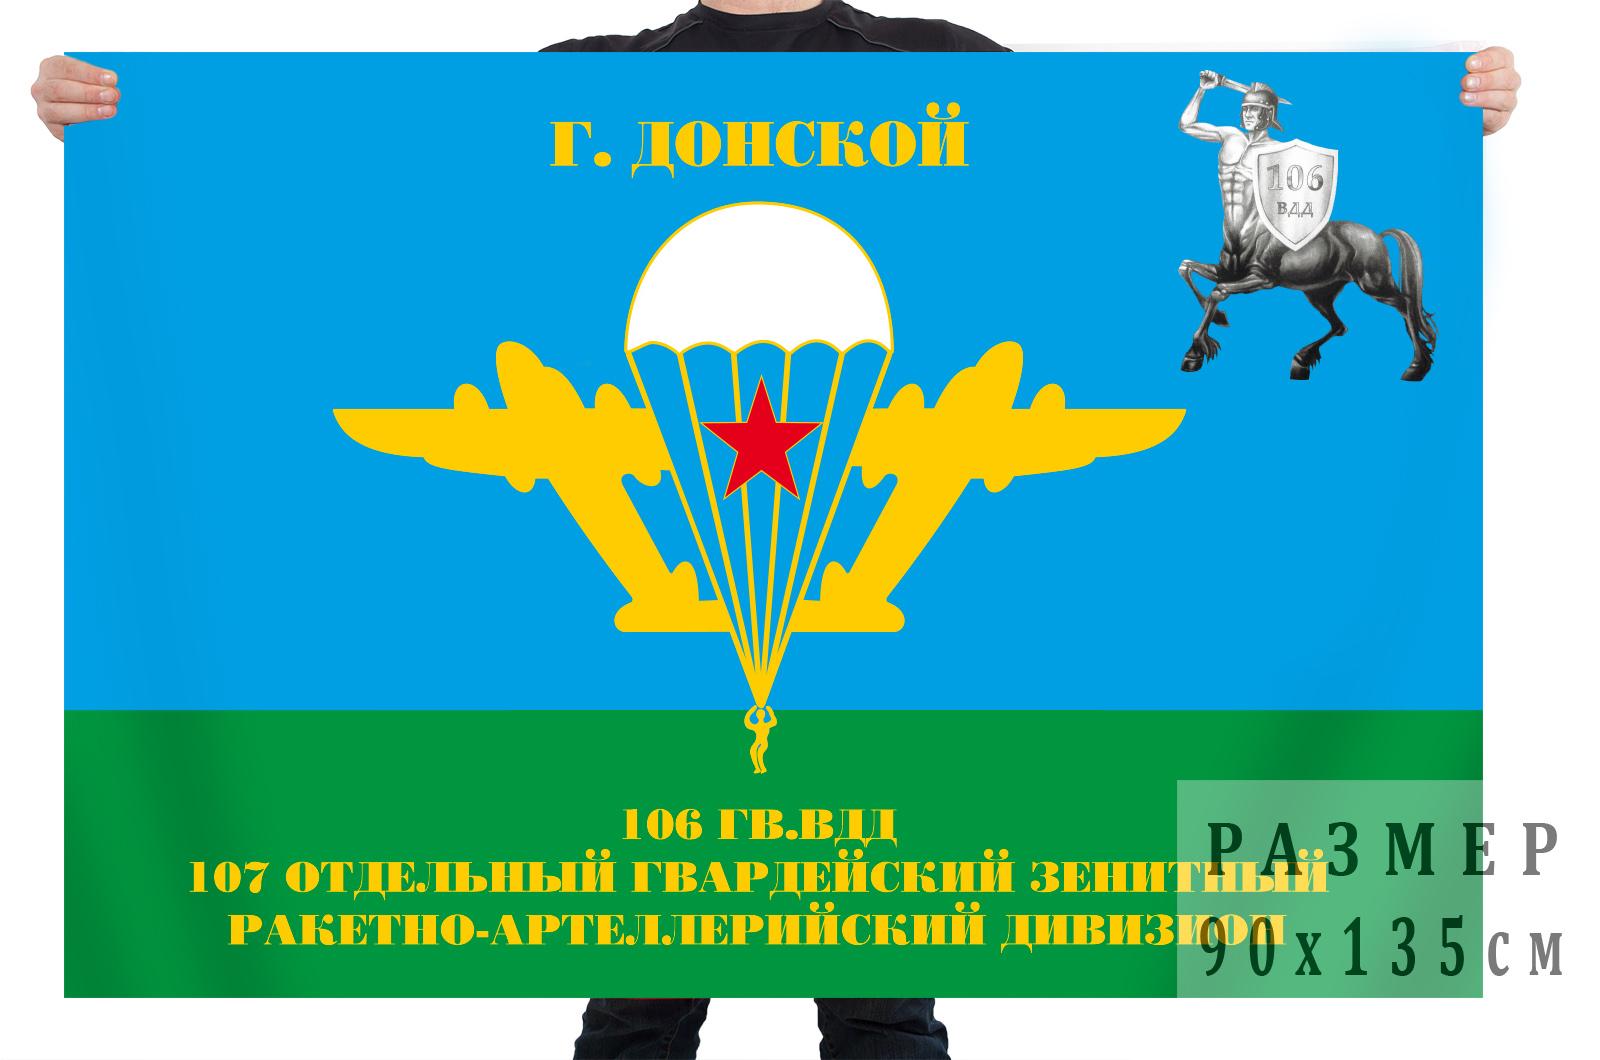 Купить в военторге флаг десантников «106 Гв. вдд 107 ОЗРАДн» г. Донской